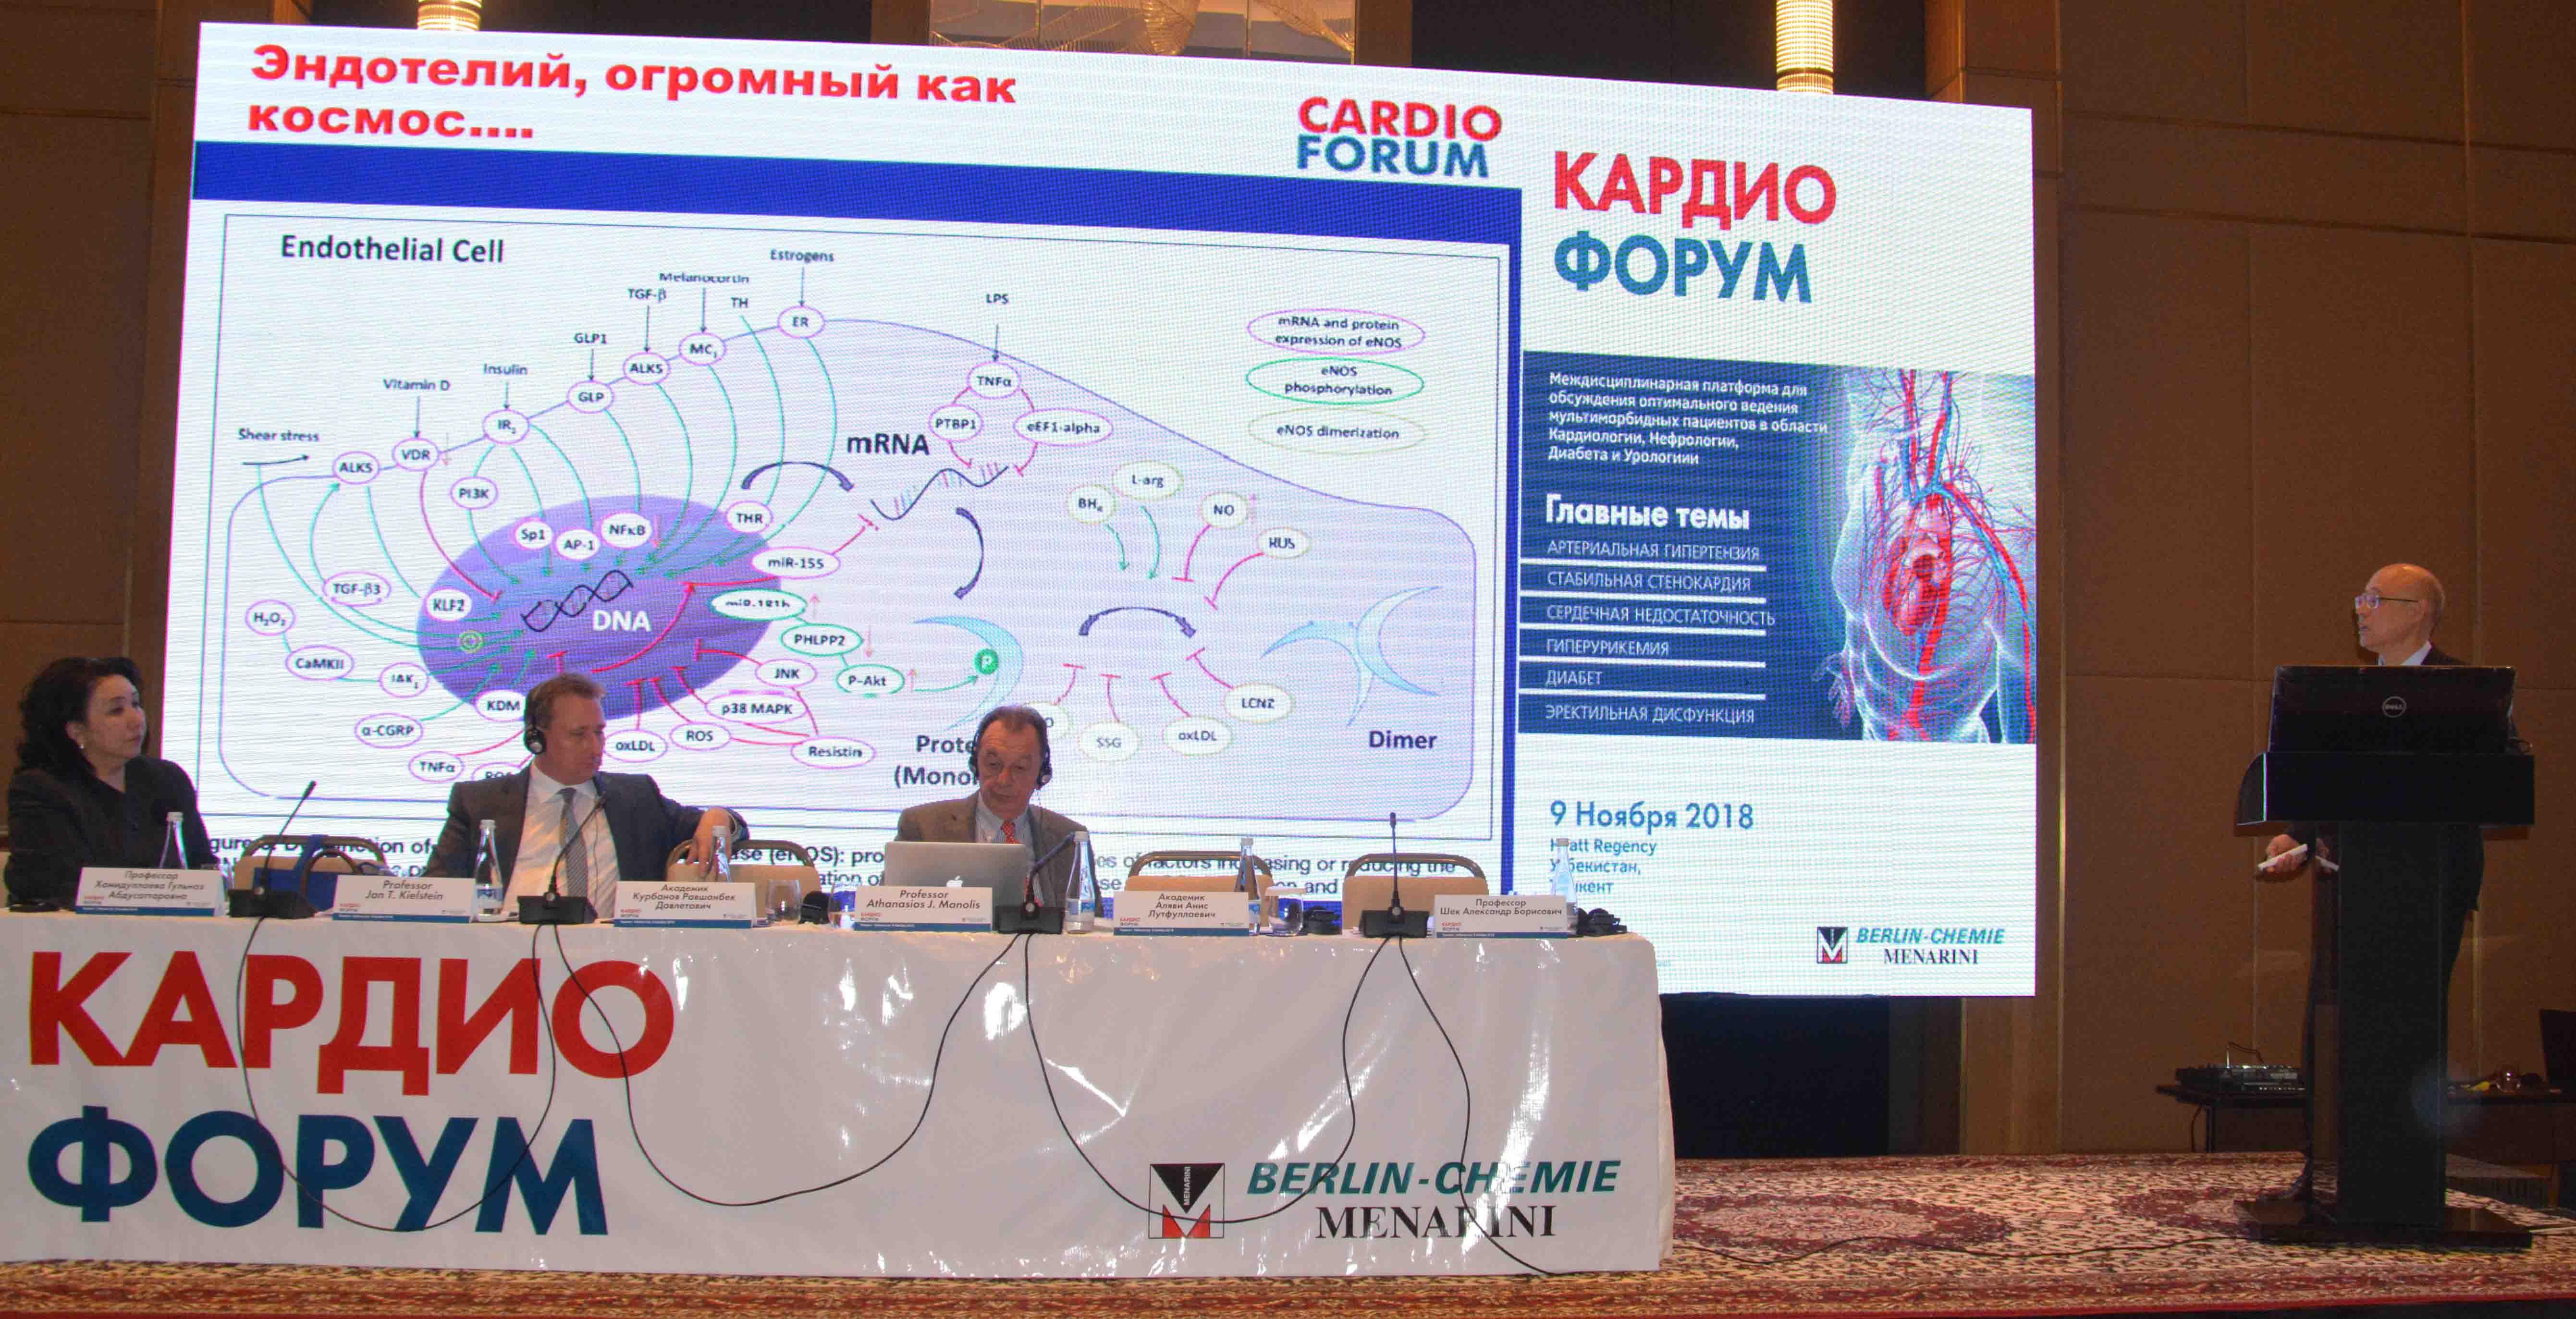 http://medicalexpress.ru/uploads/reportss/berlin/5_5.jpg